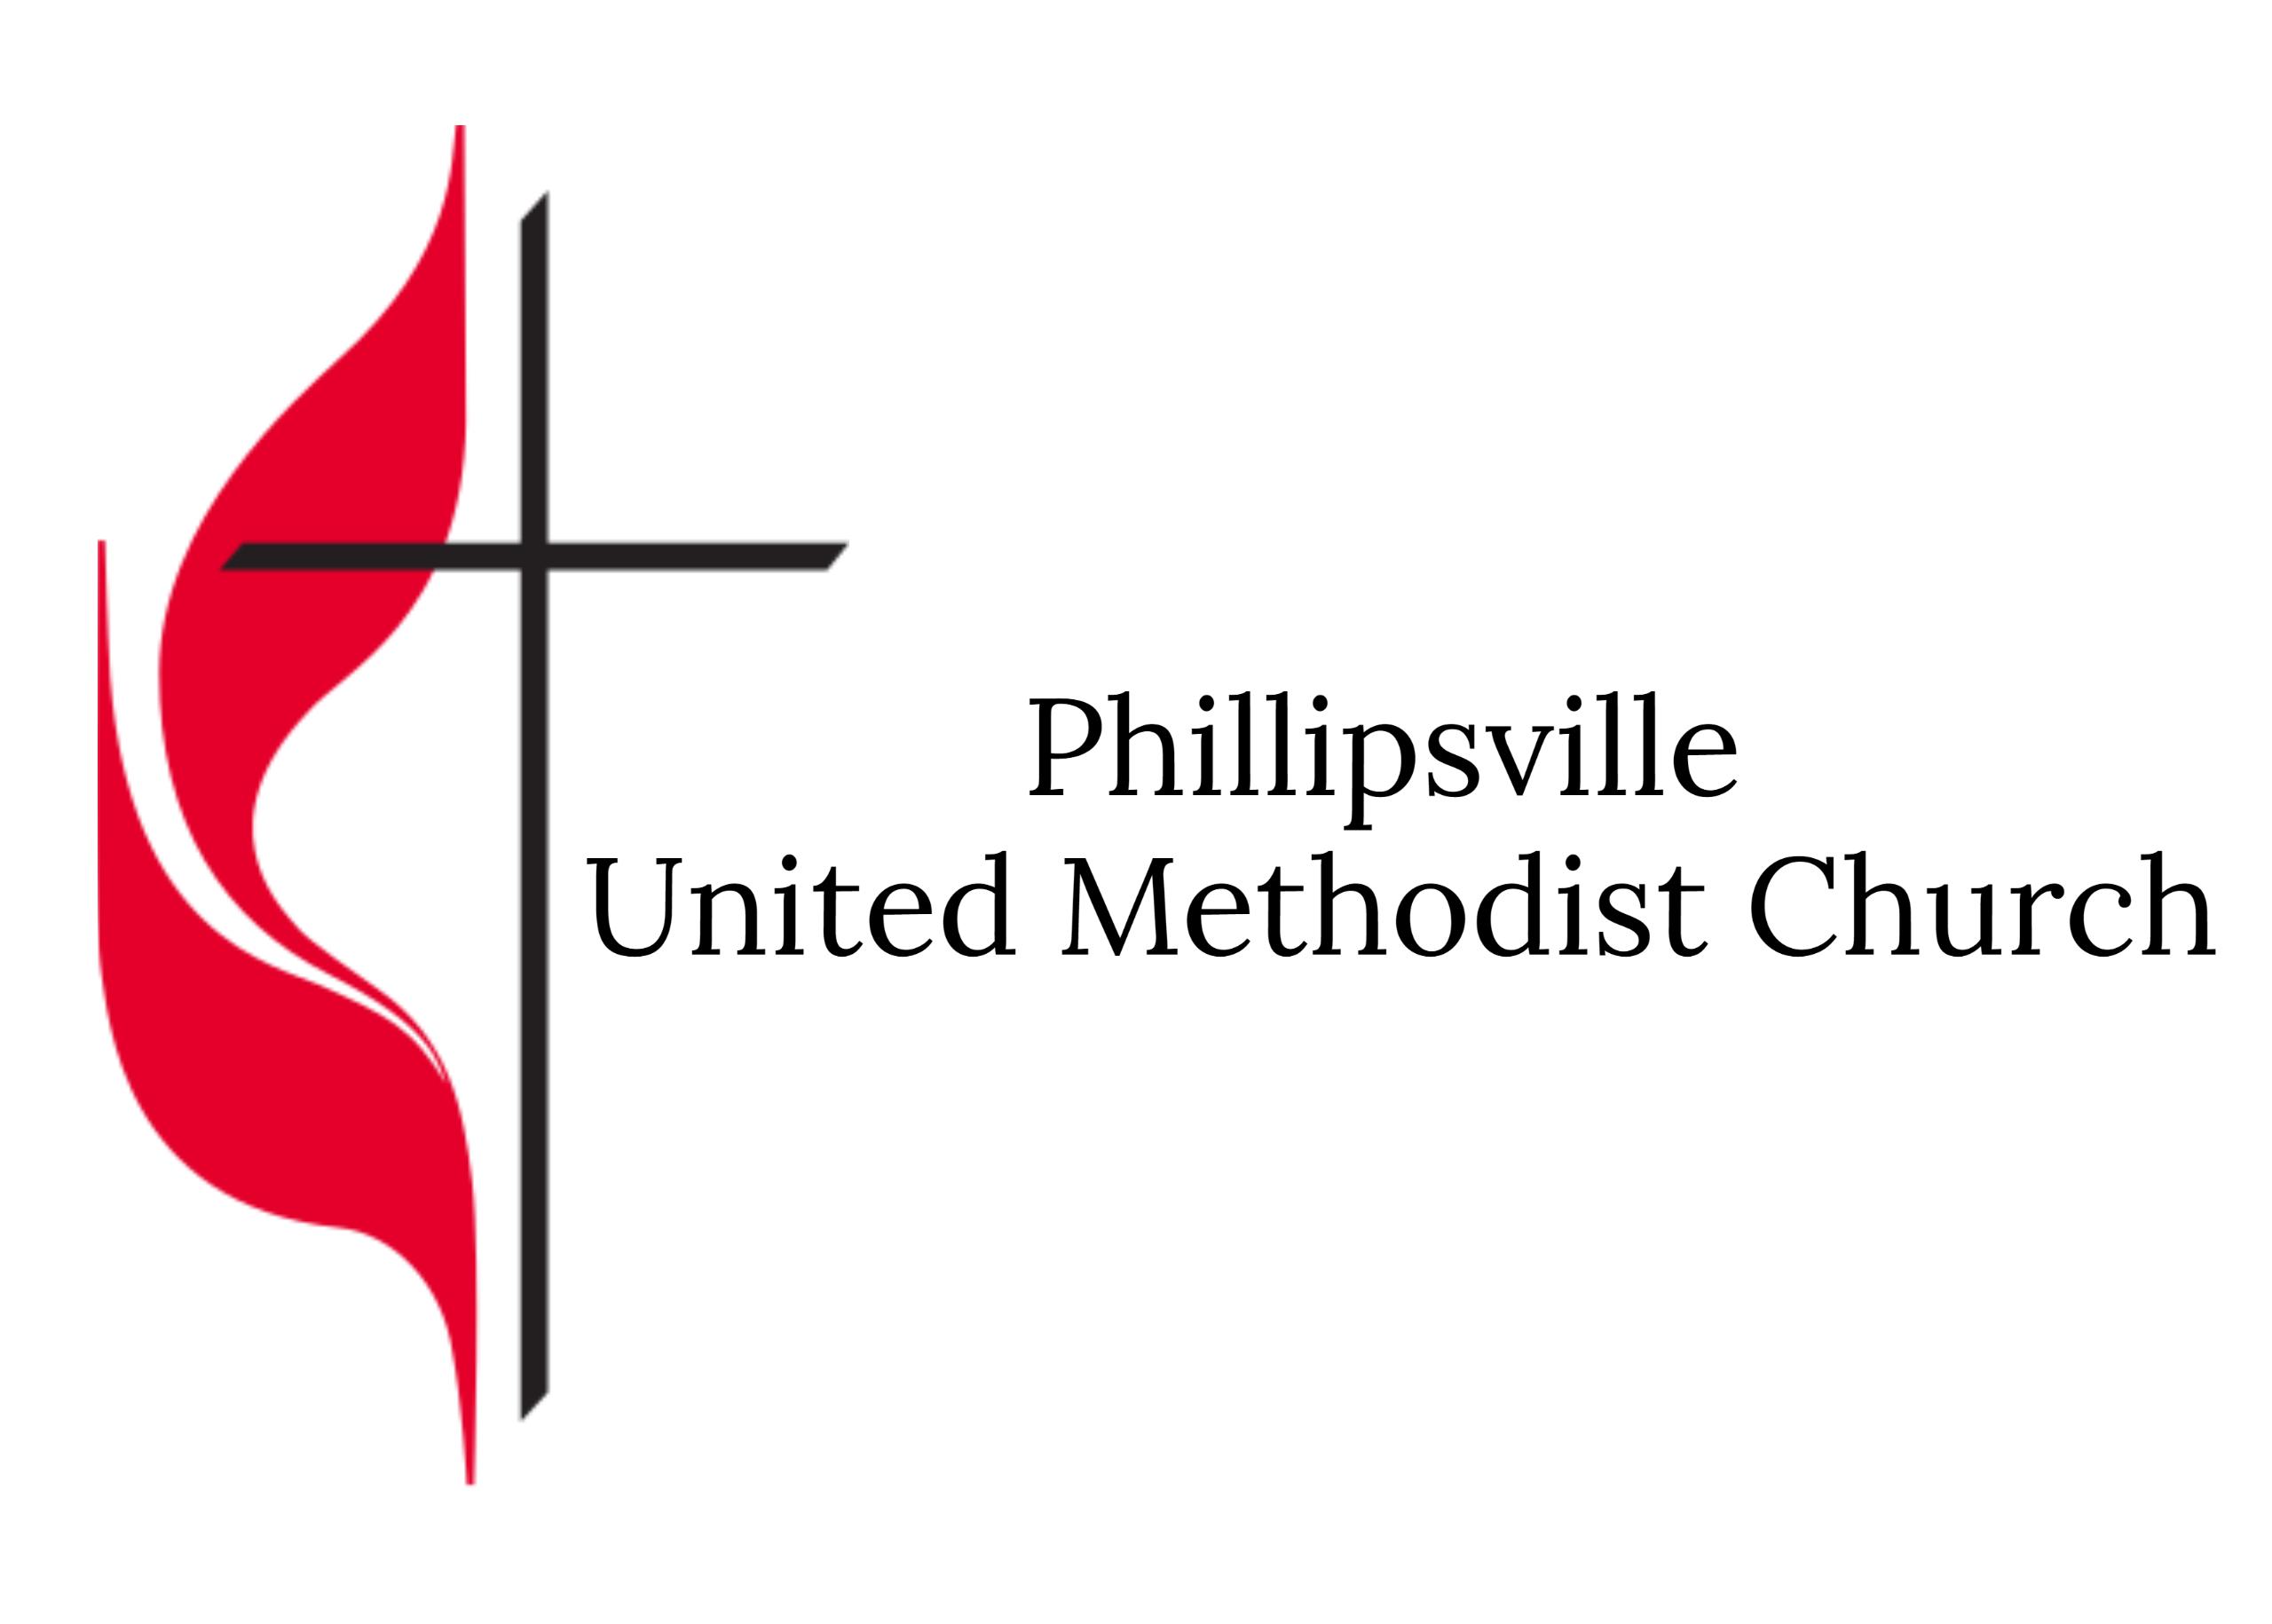 Phillipsville